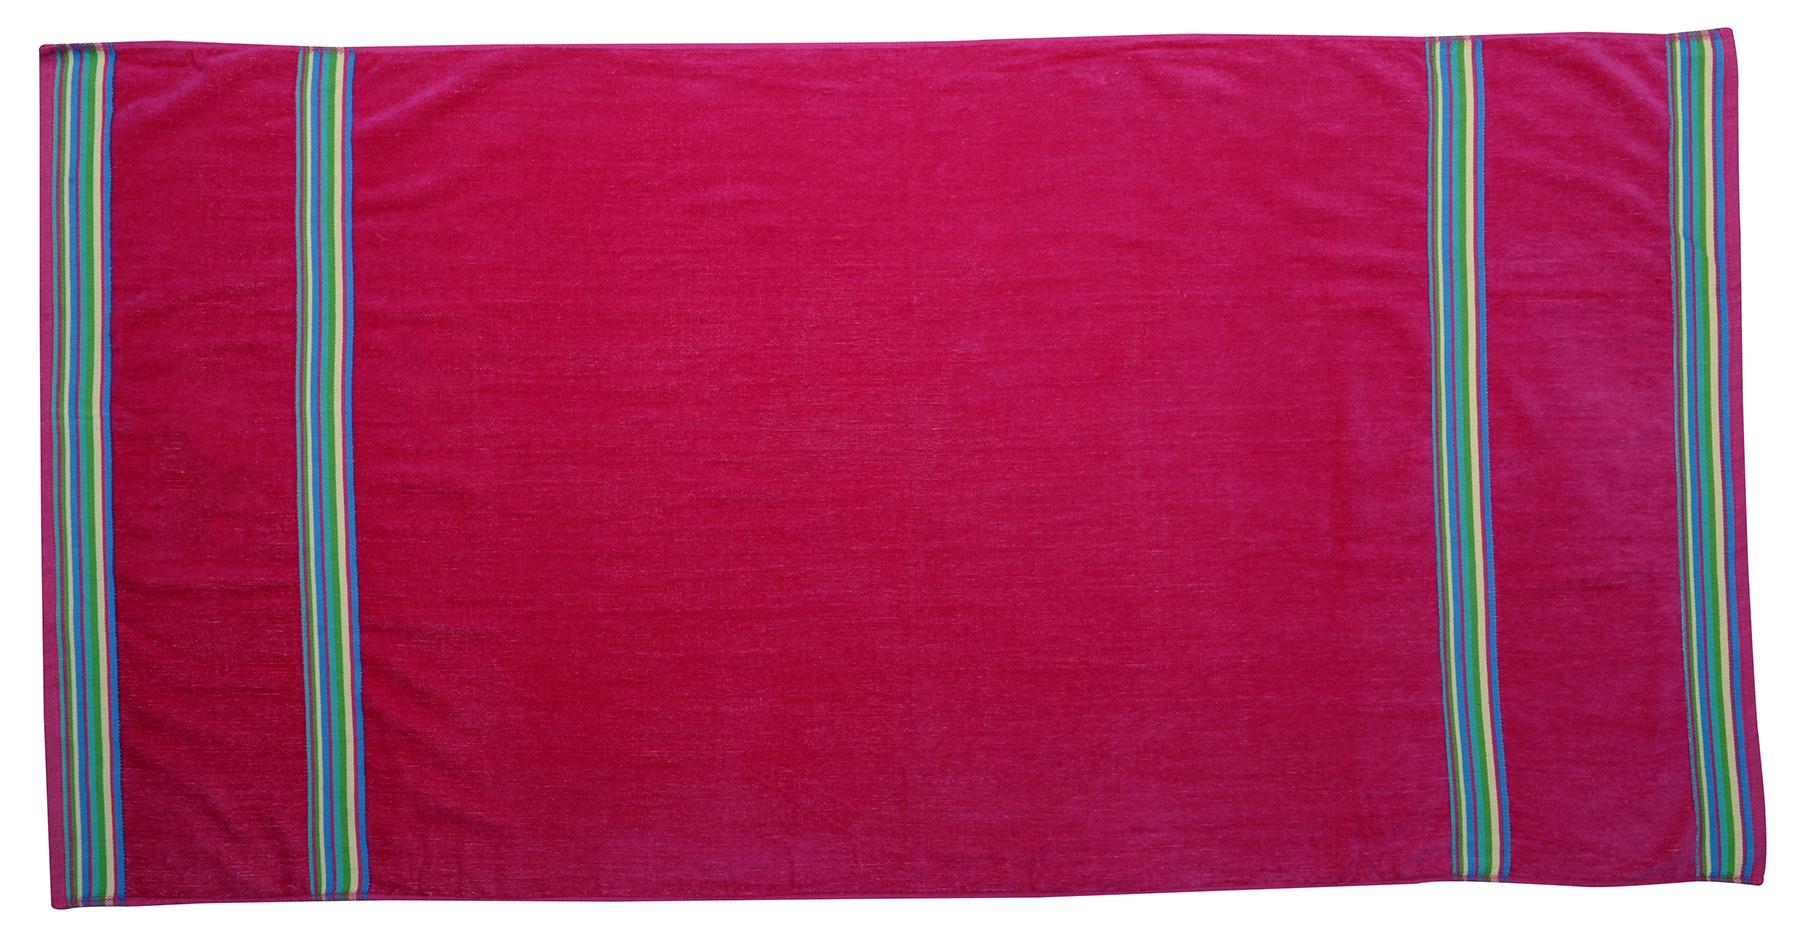 SGSB-12-Pink